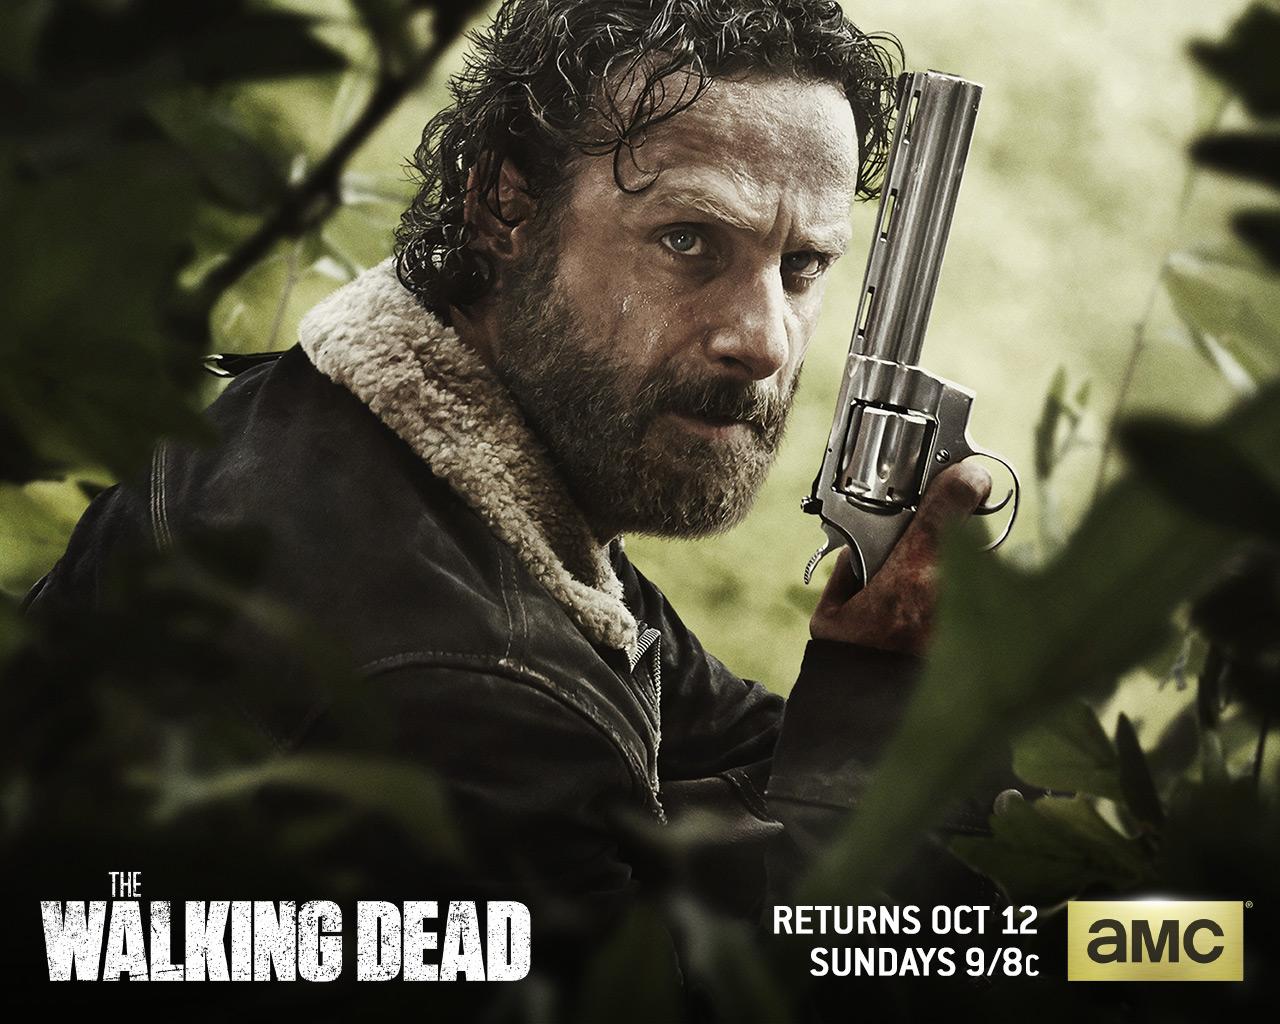 The Walking Dead: Fox zeigt Finale am 30. März um 21:00 Uhr im XL-Format